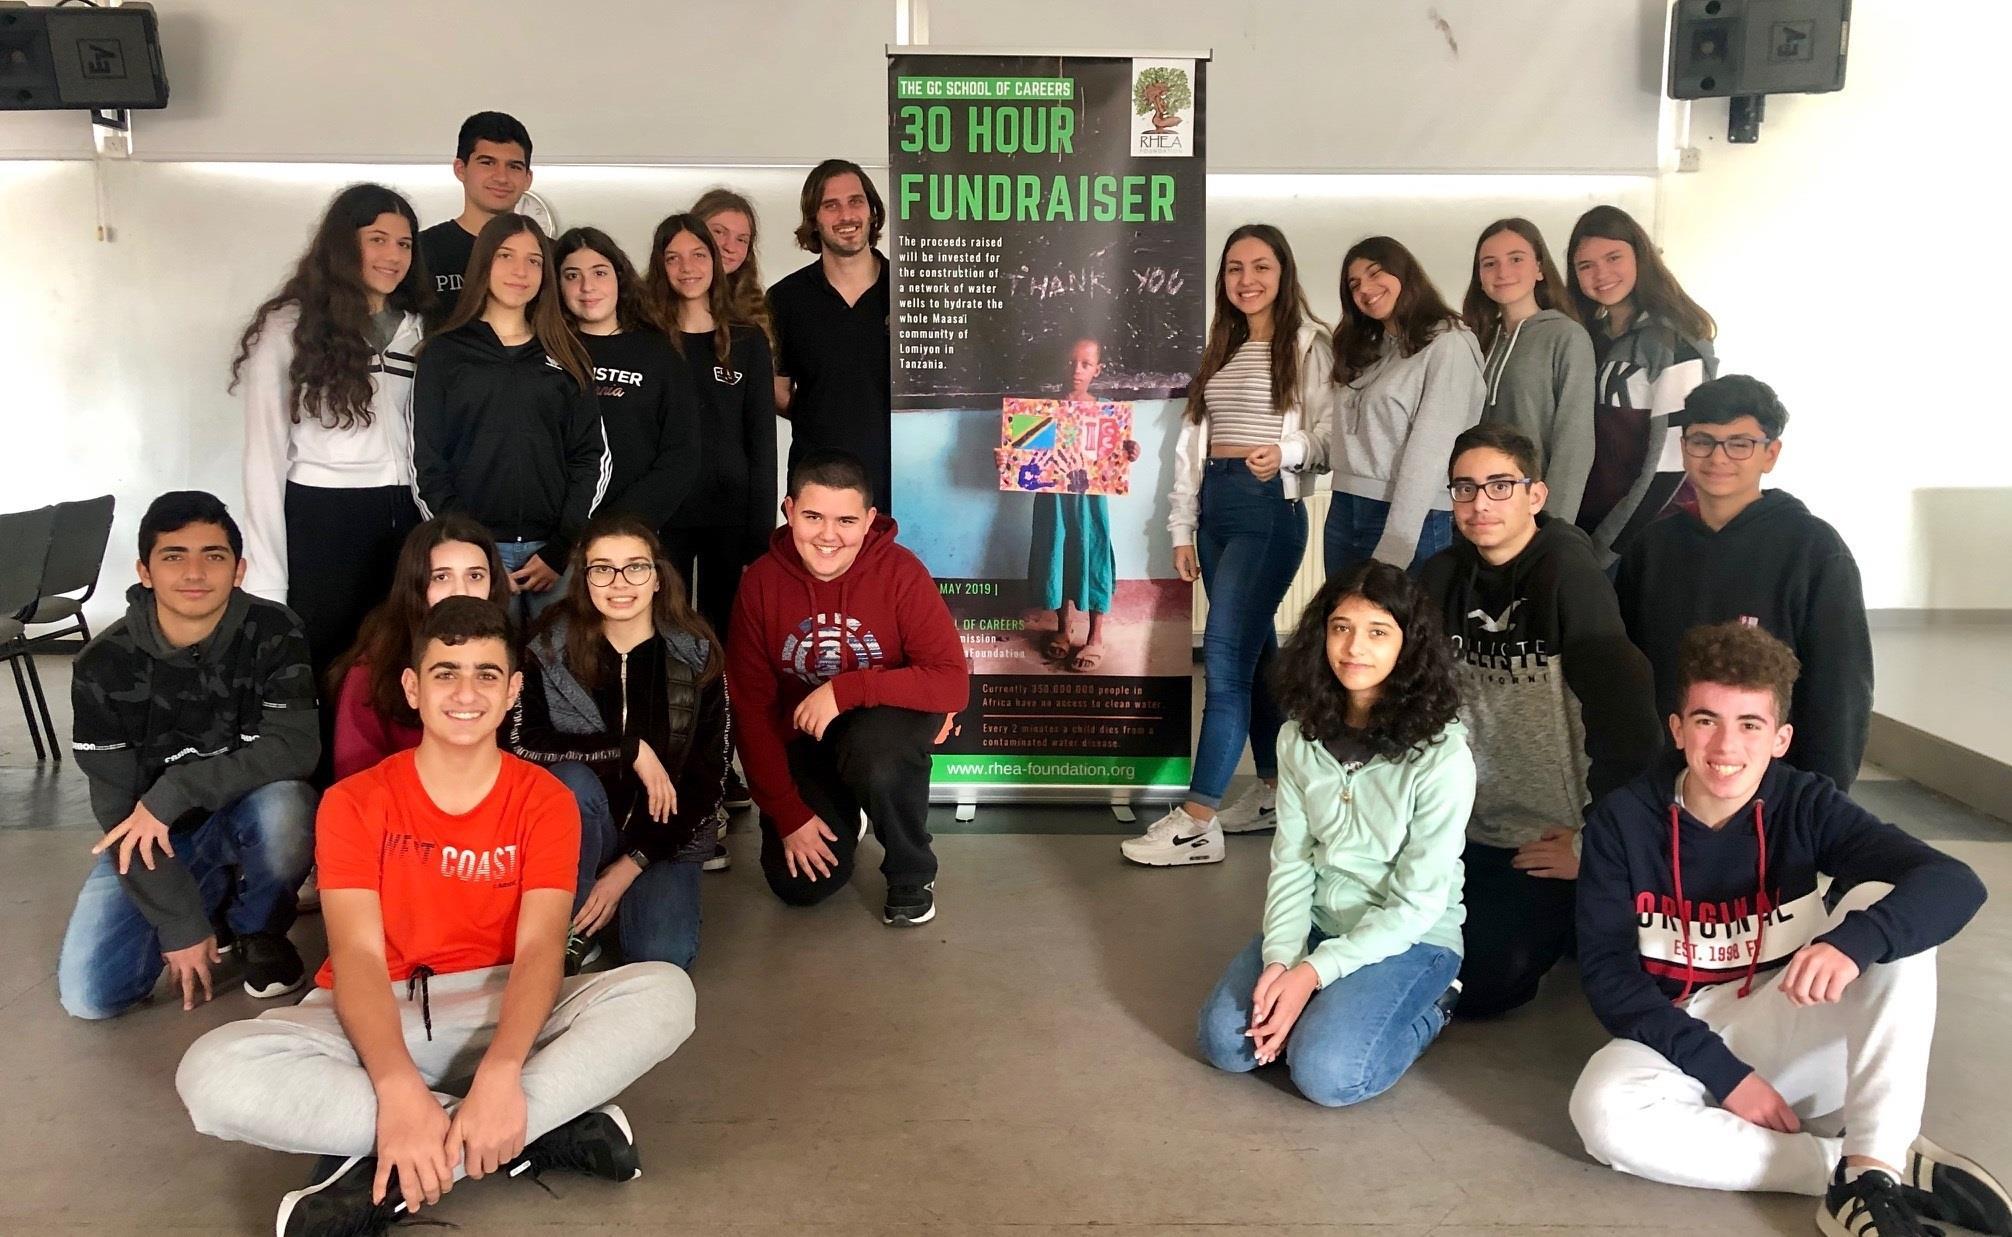 Λευκωσία, Κύπρος - 22 Μαρτίου, 2019   Σήμερα γιορτάζουμε την Παγκόσμια Ημέρα Νερού όπως ορίστηκε από τα Ηνωμένα Έθνη. Προς τιμήν αυτής της ξεχωριστής ημέρας οι μαθητές του 'Τμήματος Γεωγραφίας' του 'The GC School of Careers' ξεκίνησαν τη δική τους πρωτοβουλία για τη συγκέντρωση κεφαλαίων για τη δημιουργία μιας βιώσιμης πηγής νερού για την κοινότητα Maasai της Τανζανίας που καθημερινά χάνει τα παιδιά της λόγω ασθενειών που σχετίζονται με το μολυσμένο νερό. Πολλές ευχαριστίες σε αυτά τα εμπνευσμένα παιδιά και στους δασκάλους του Τμήματος Γεωγραφίας Λίντα Μουσουλίδης και Μαριάννα Θεοδότου που μας βοηθούν στο συντονισμό αυτού του εγχειρήματος.